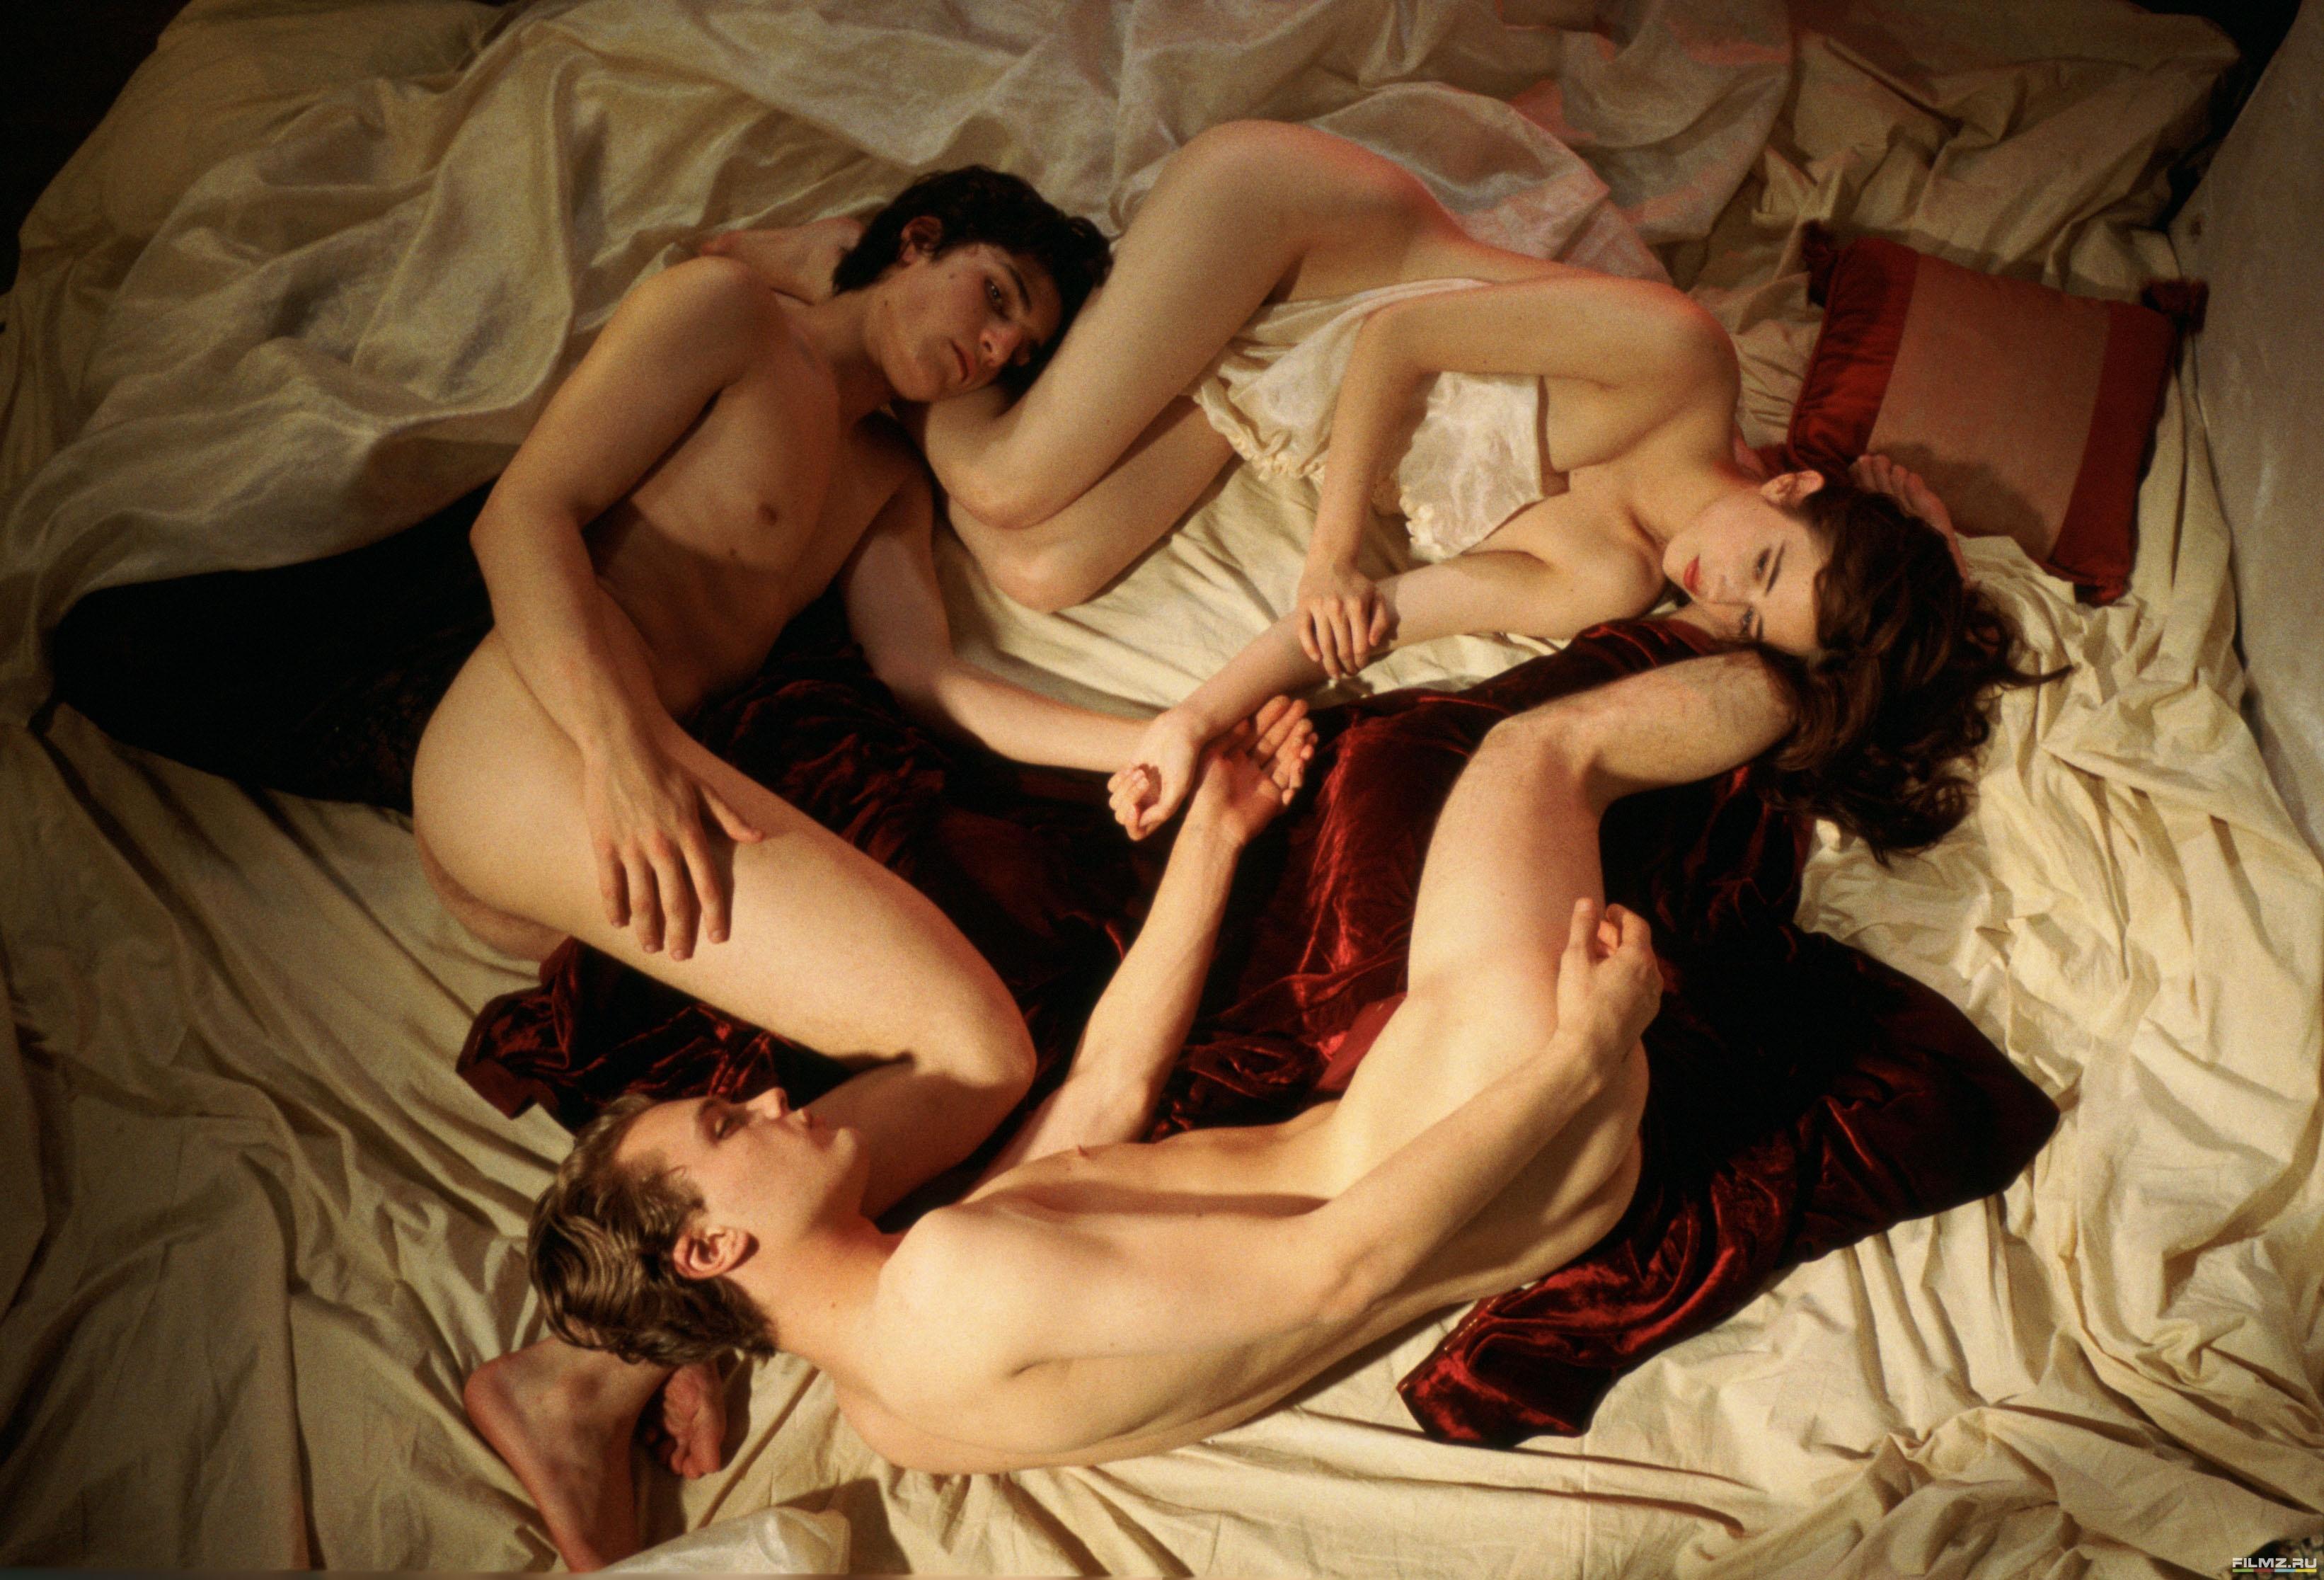 Секс с мочеиспусканием смотреть онлайн 6 фотография